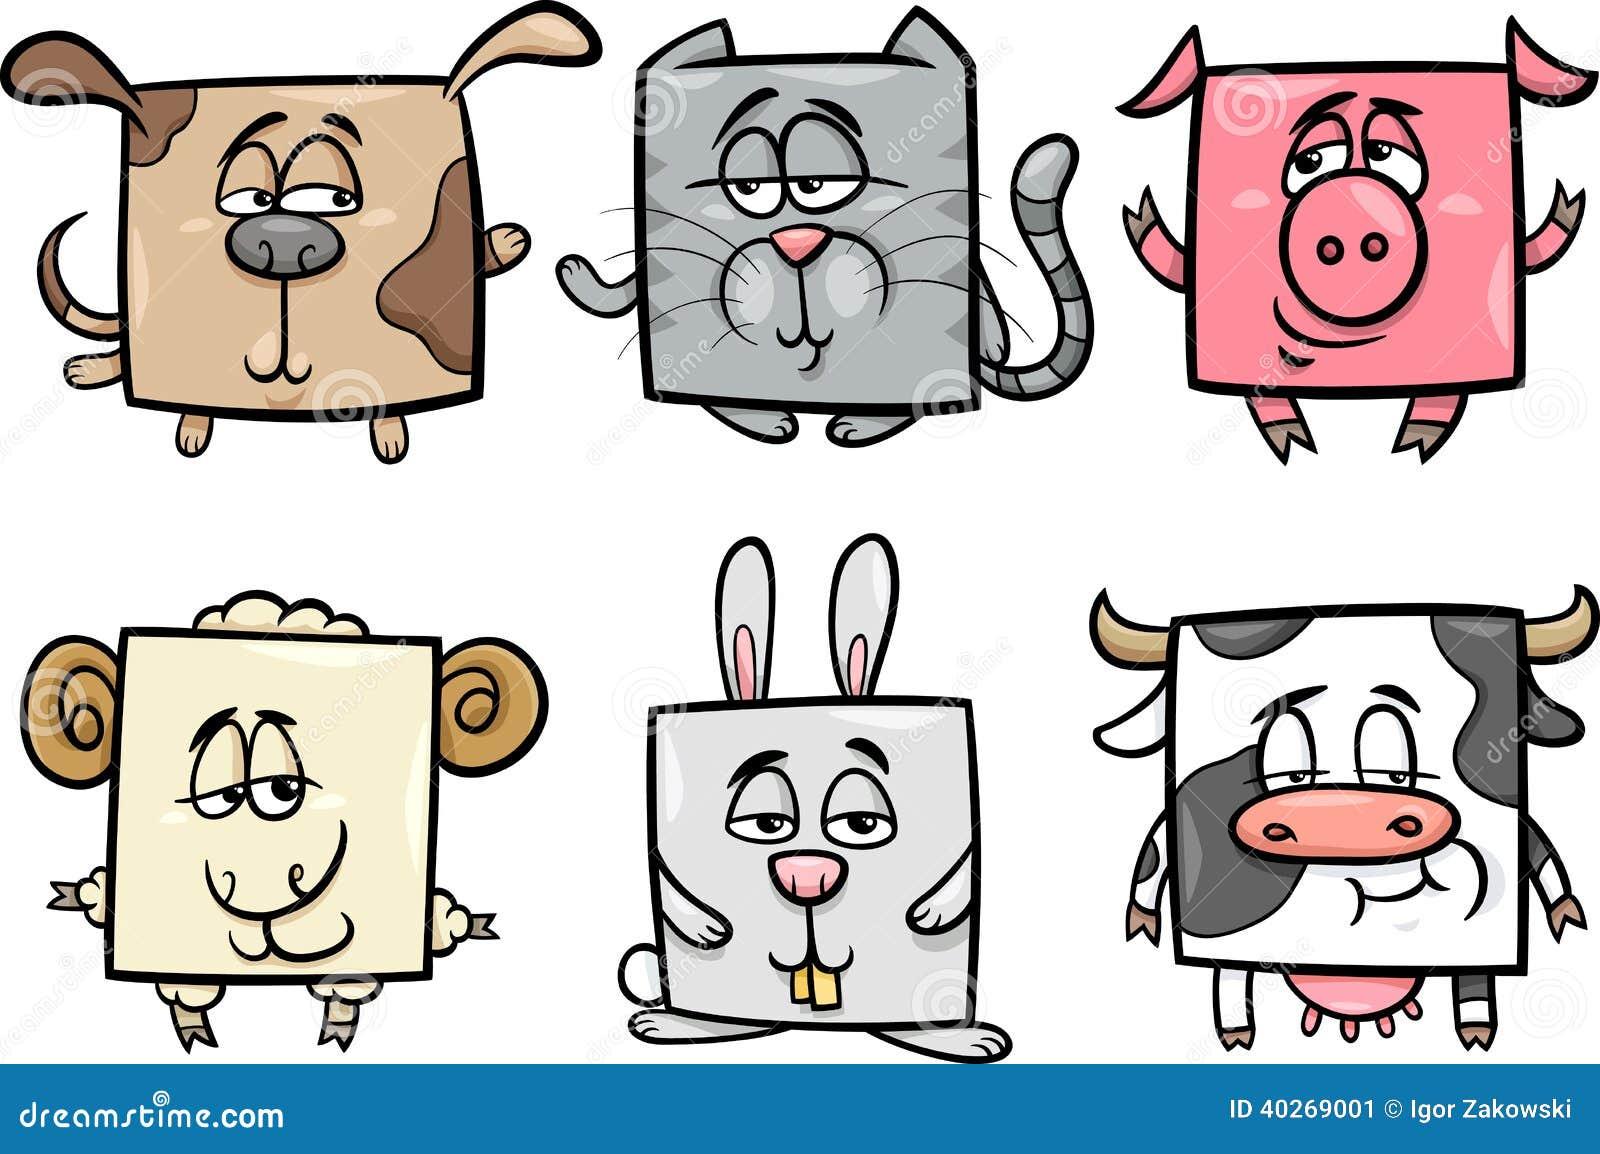 عکس حیوانات کارتونی بامزه